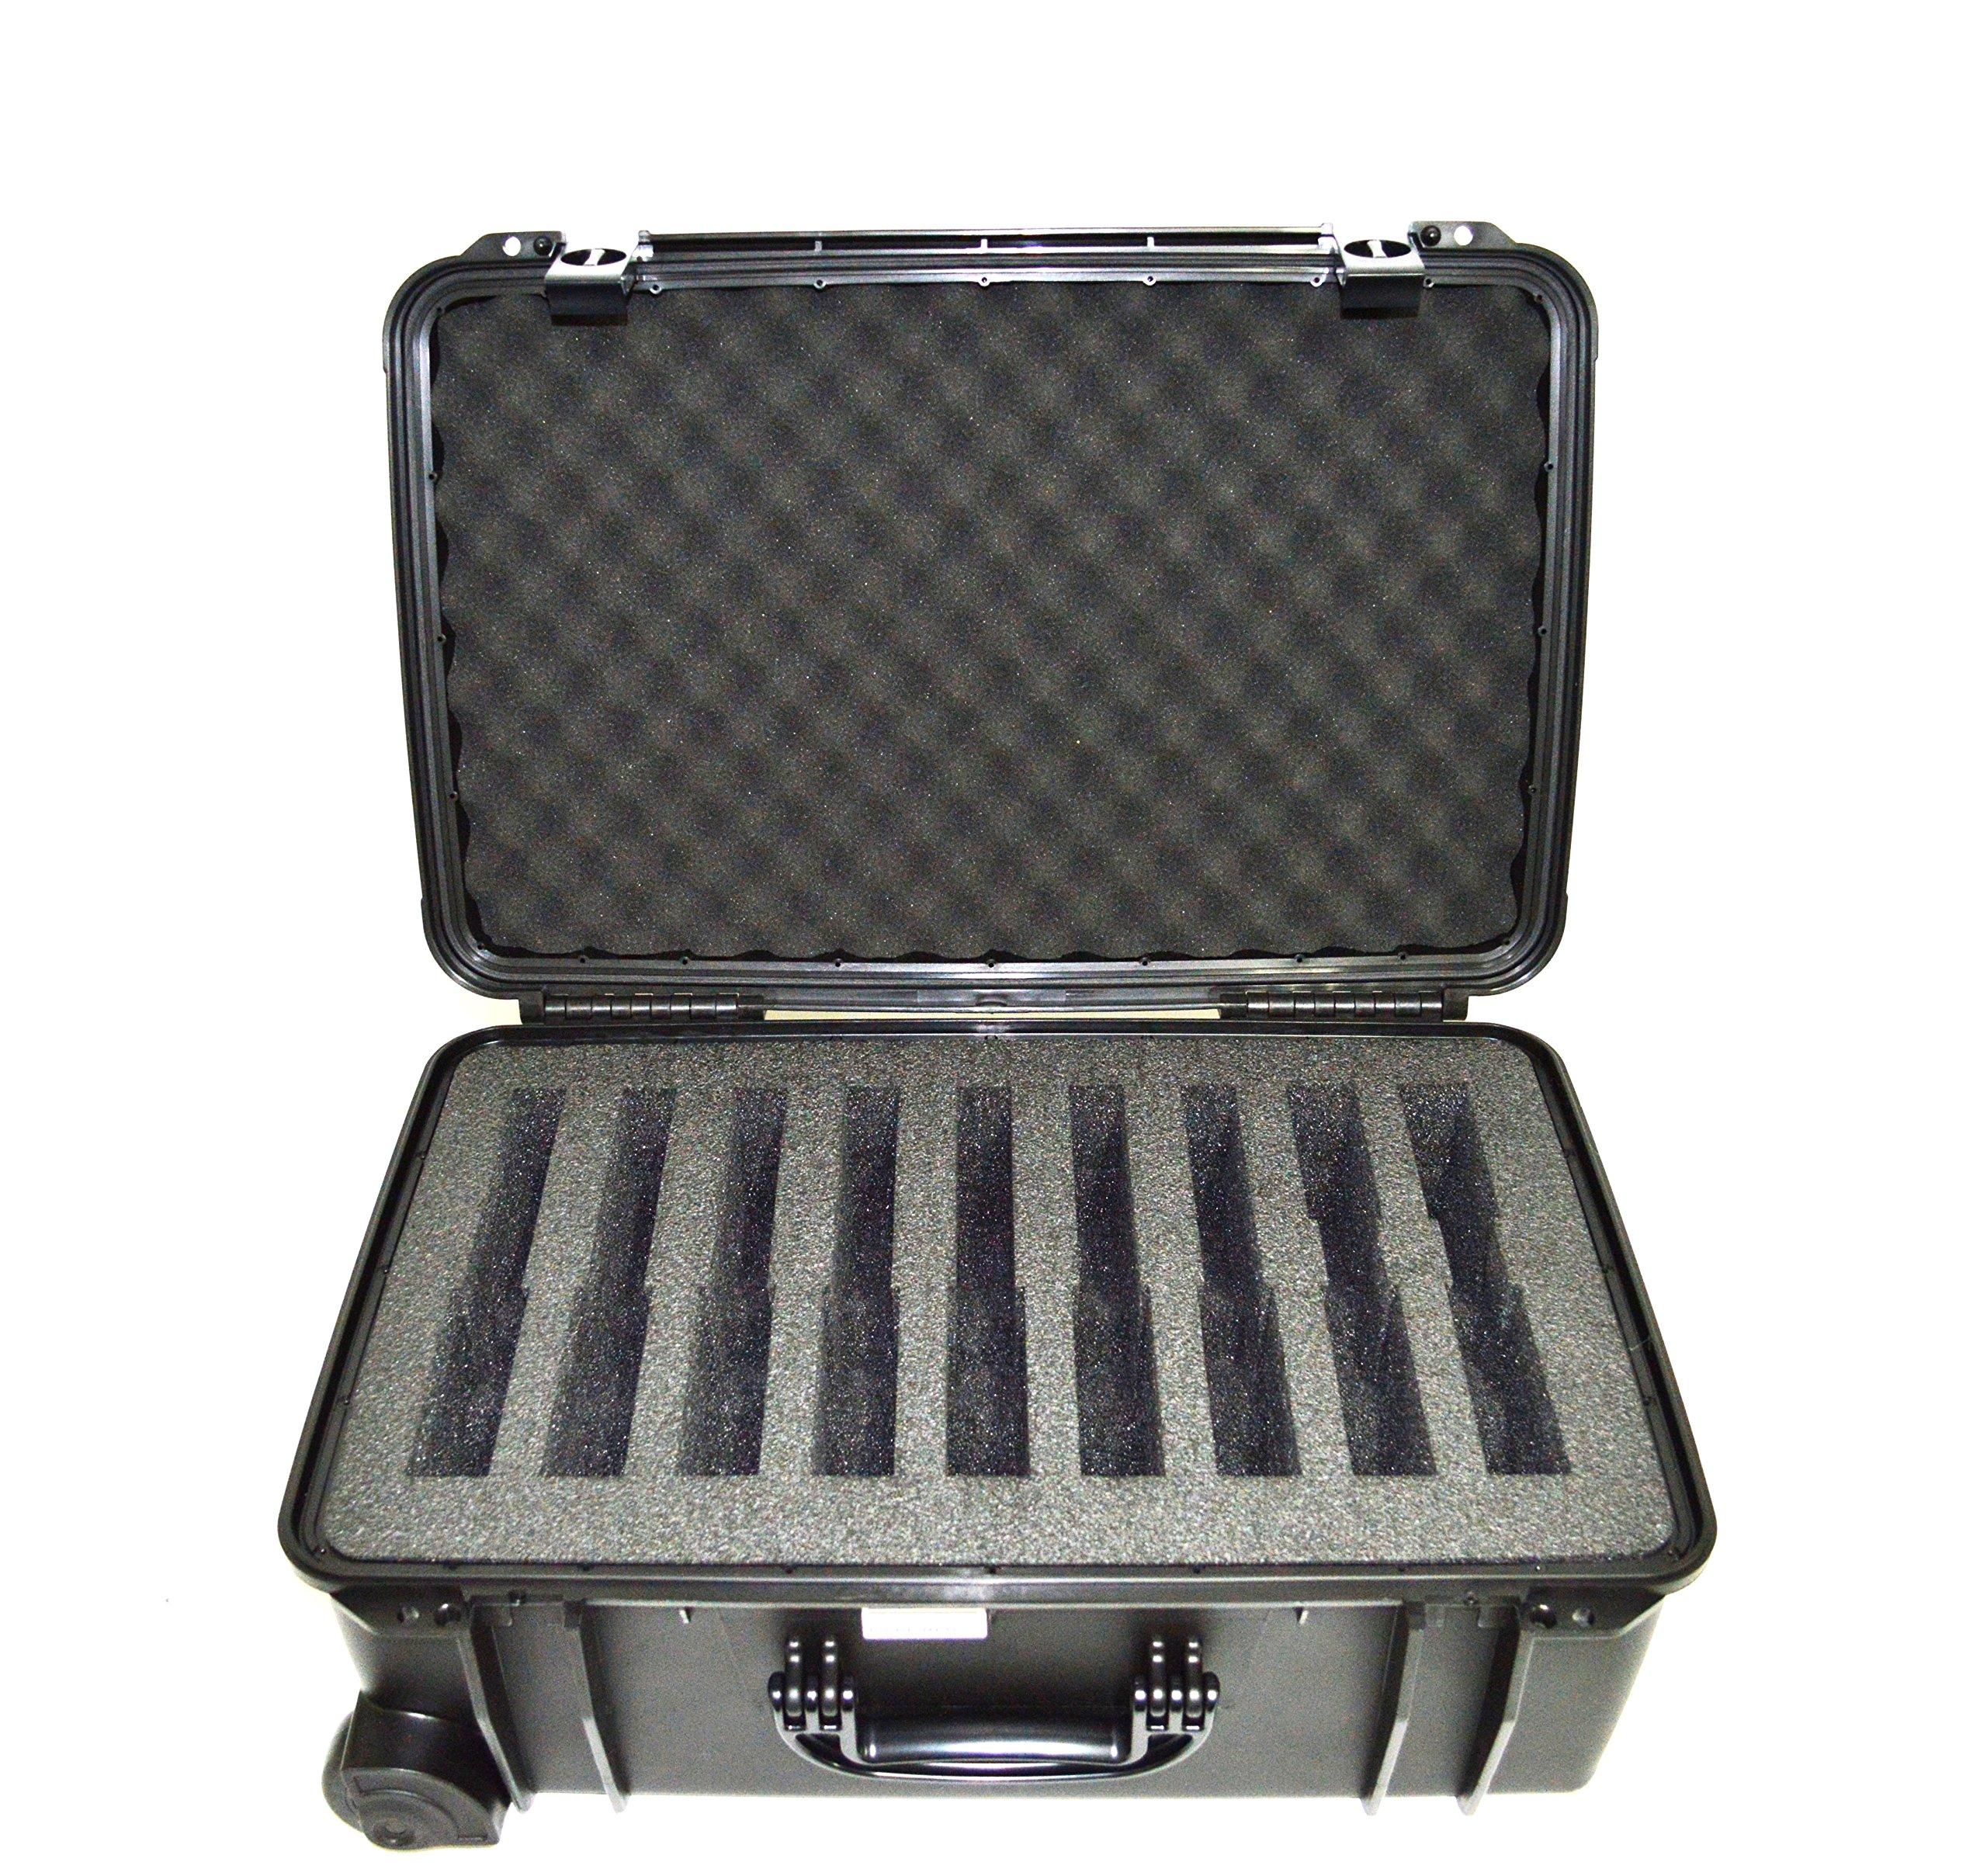 Quick Fire Cases QF920S Range Case, Black, Medium